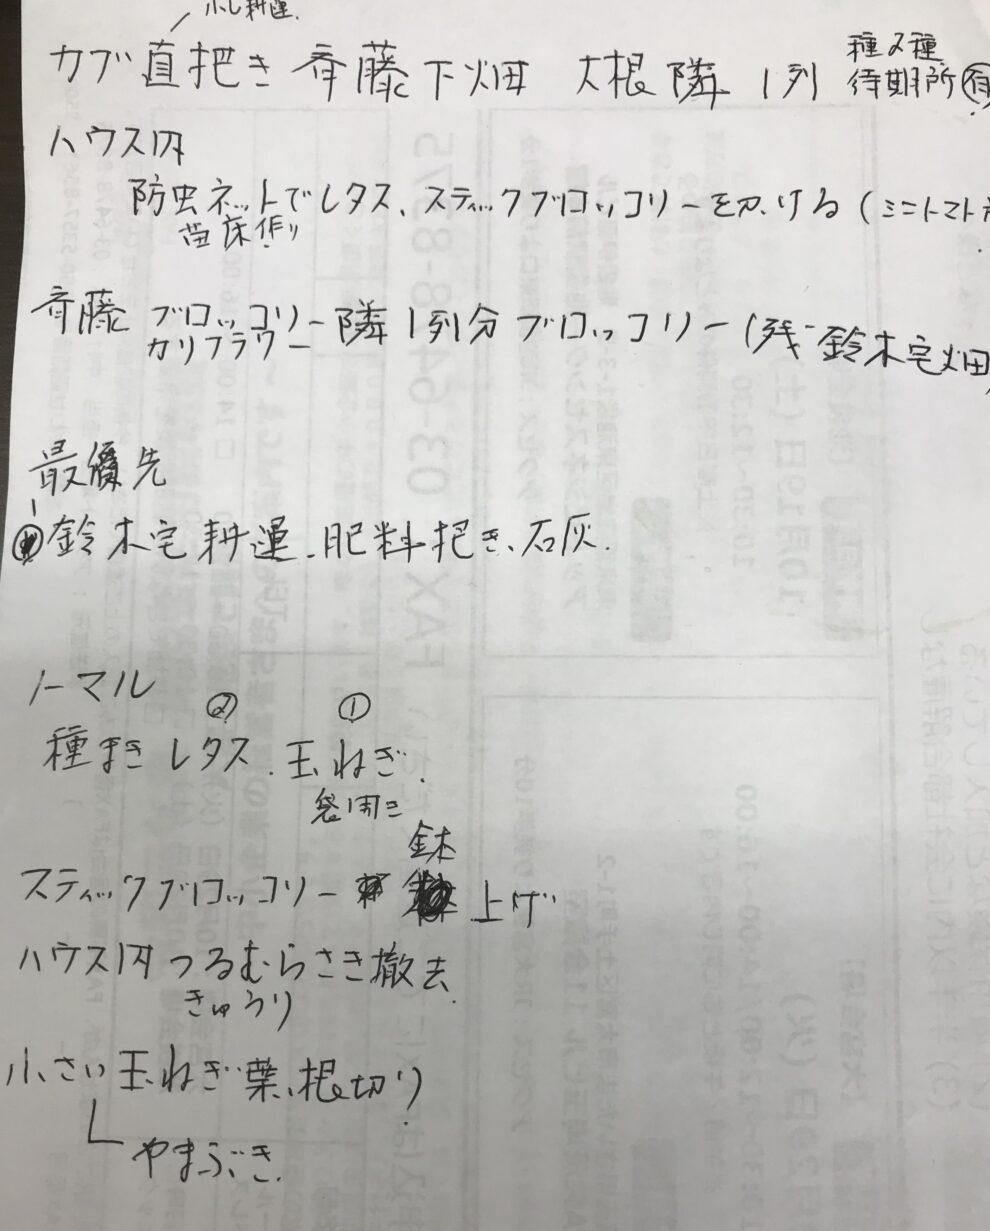 来週の作業予定 10月5日(土)